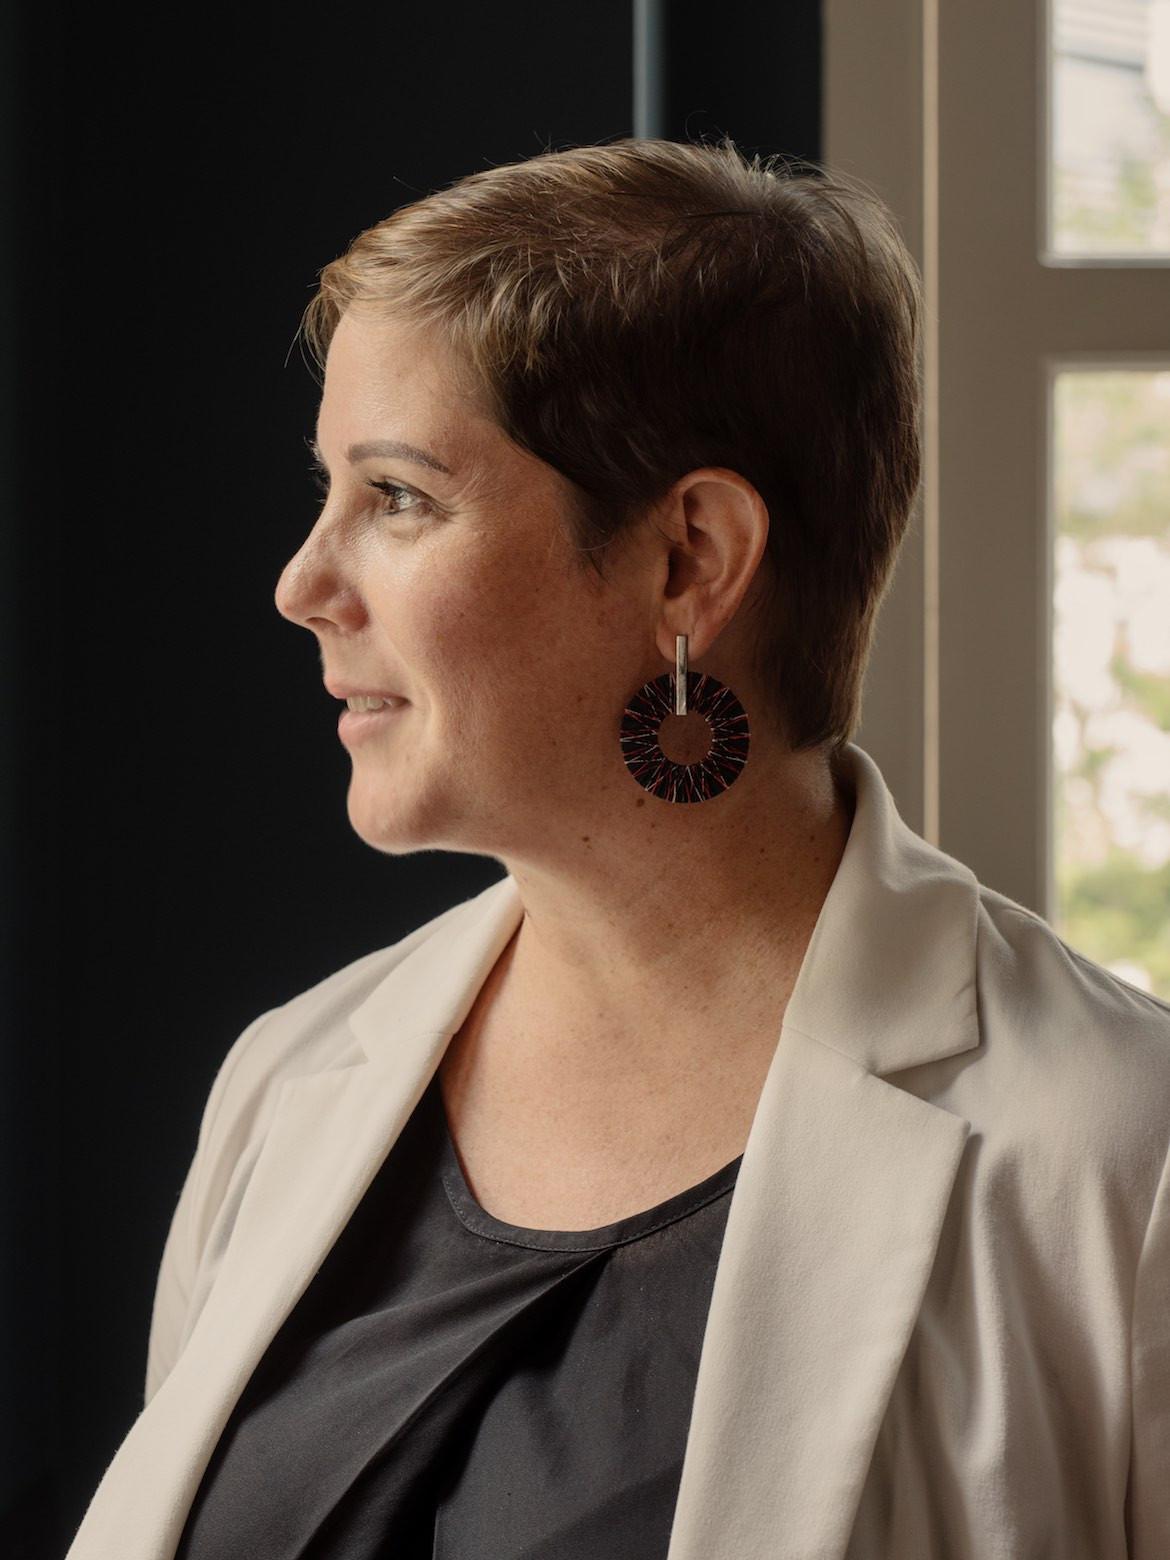 Angela Spathonis side profile